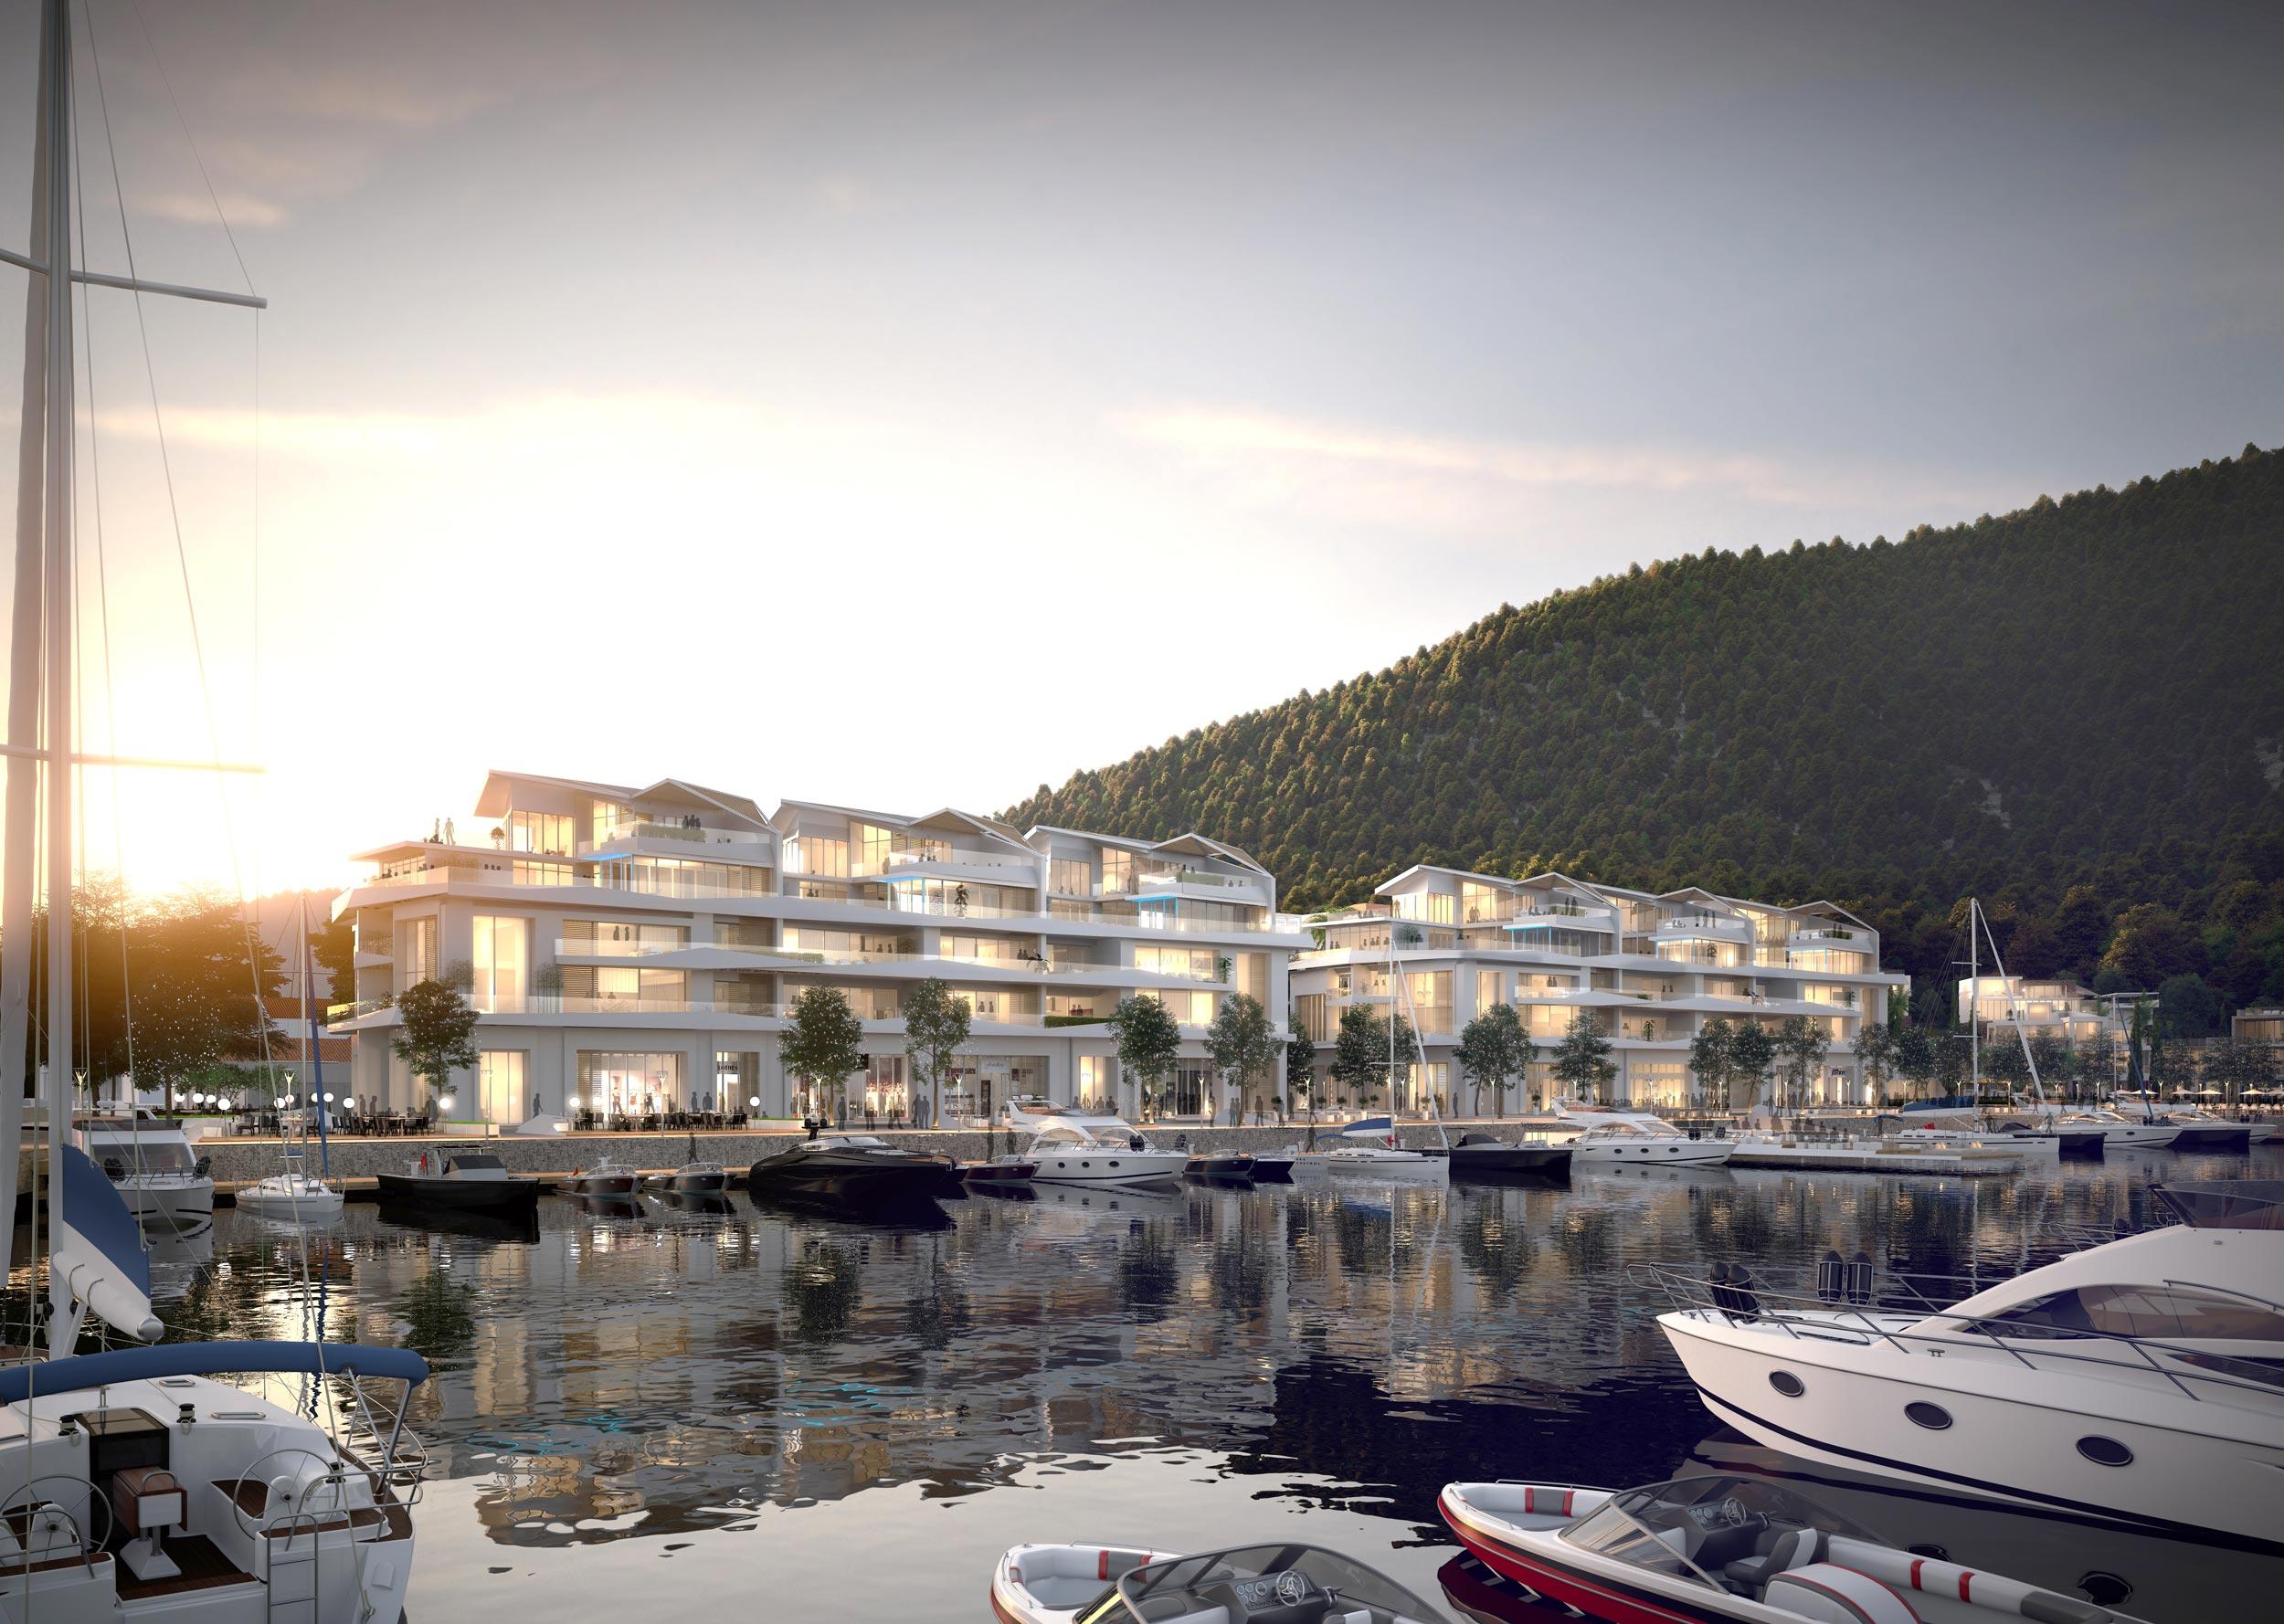 Elite-resort-with-luxury-apartments-in-Herceg-Novi (22).jpg